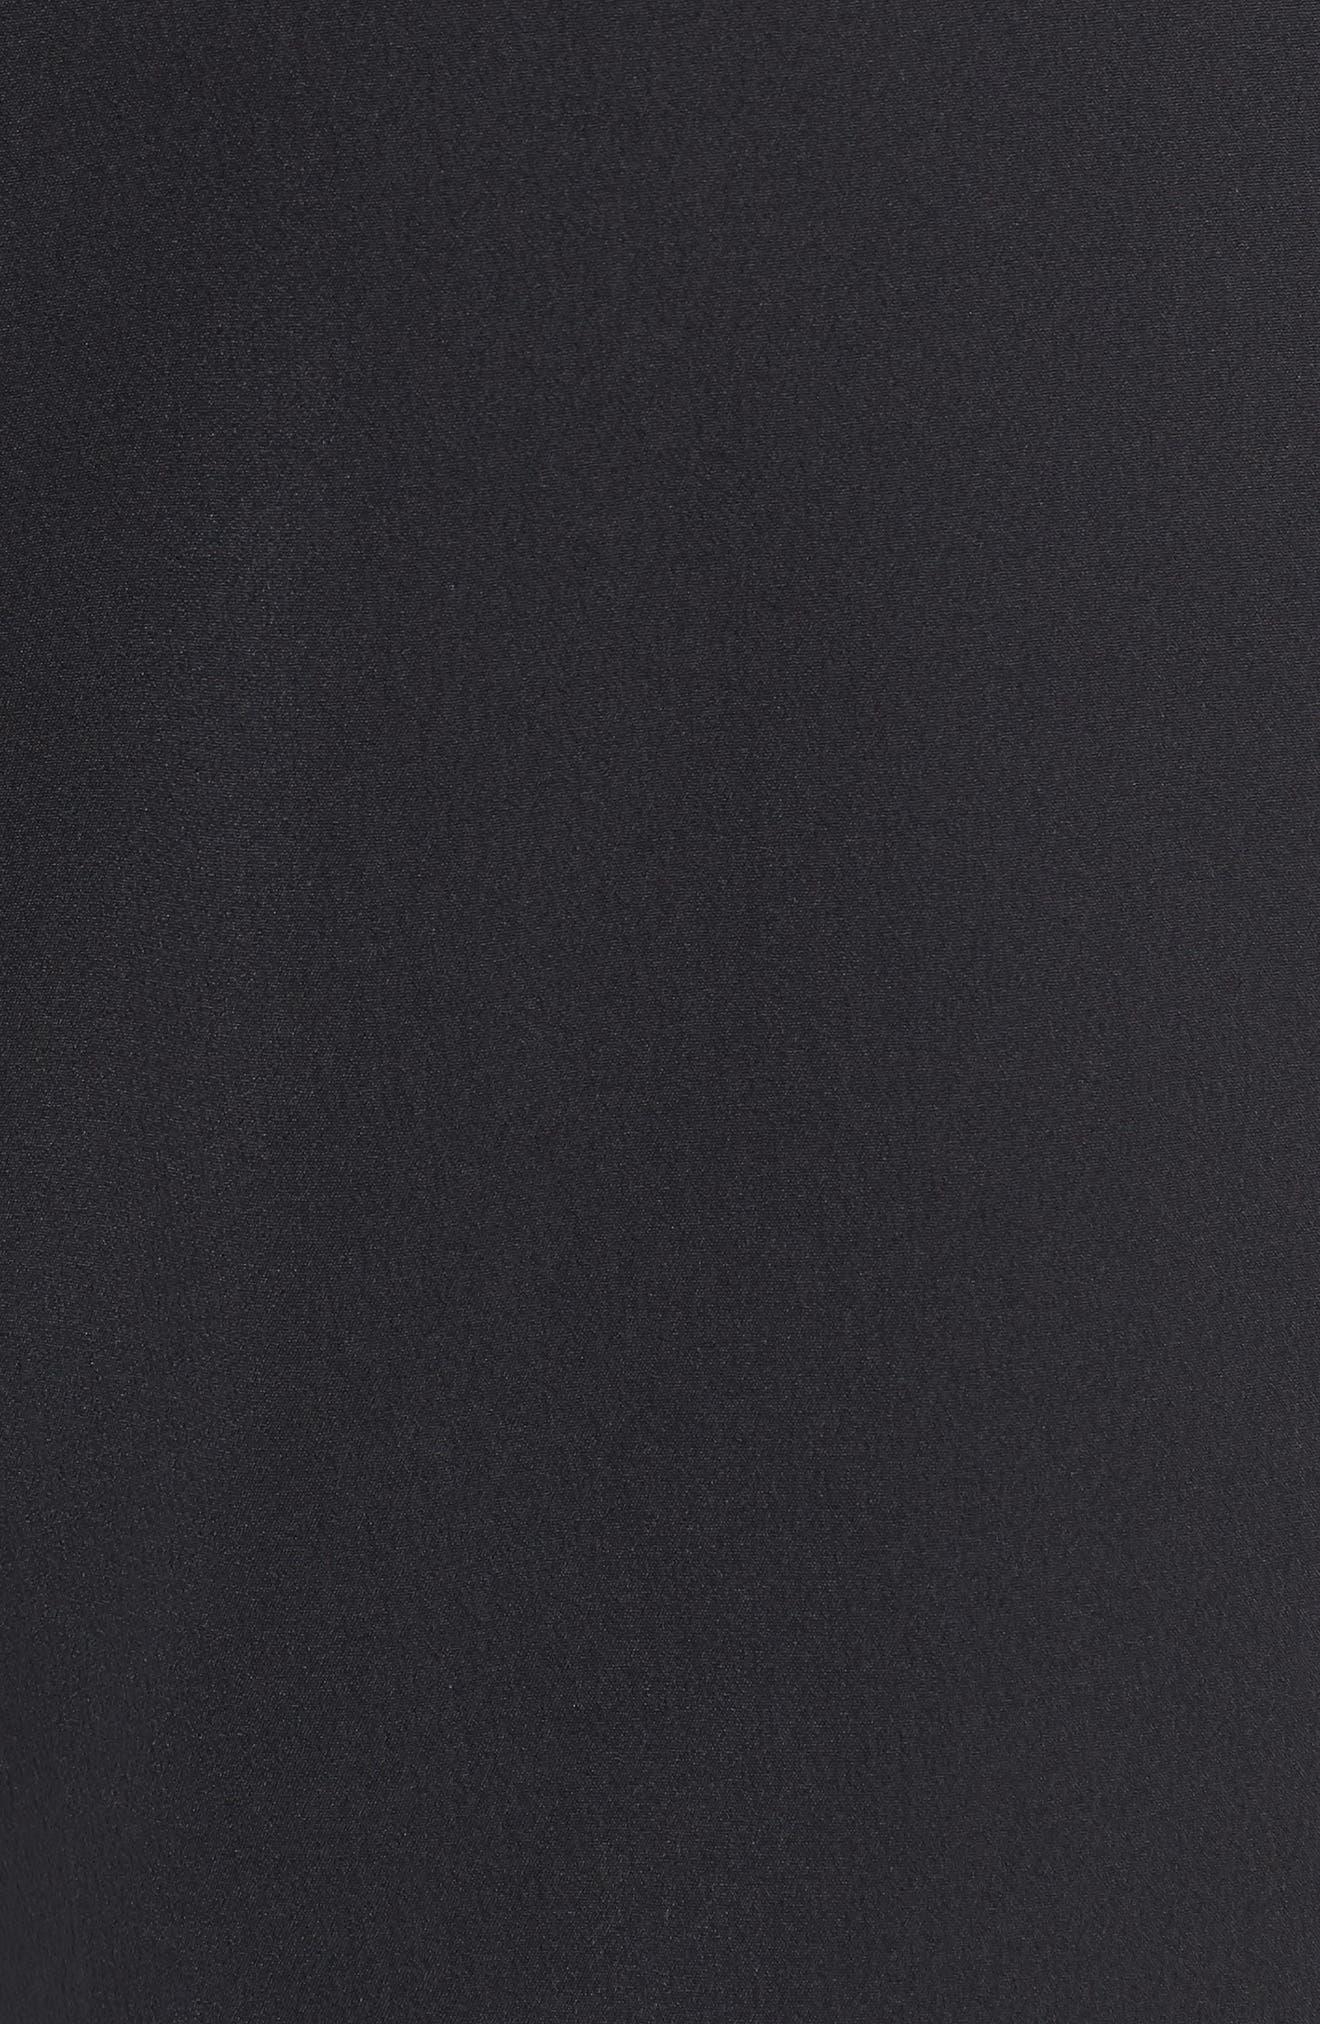 NIKE, Flex Slim Fit Dri-FIT Golf Shorts, Alternate thumbnail 5, color, BLACK/ BLACK